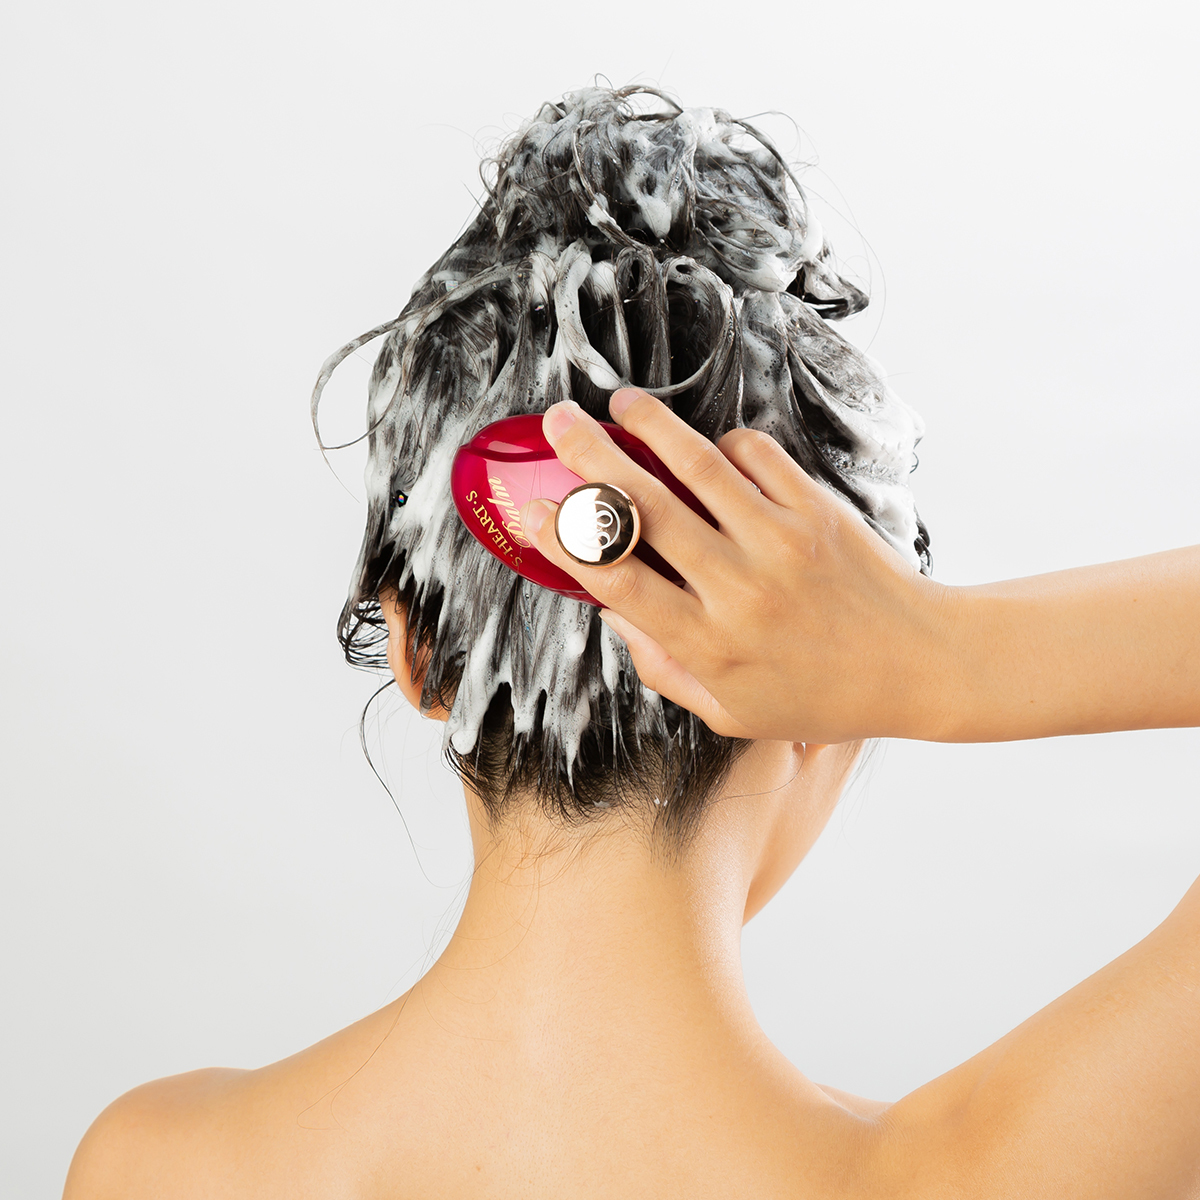 """髪に""""自信""""を与える「ヘアブラシ」 《携帯用》364本のピンで、頭皮の毛穴汚れがすっきり!爽快感がやみつきになるヘアブラシ   SCALP BRUSH"""